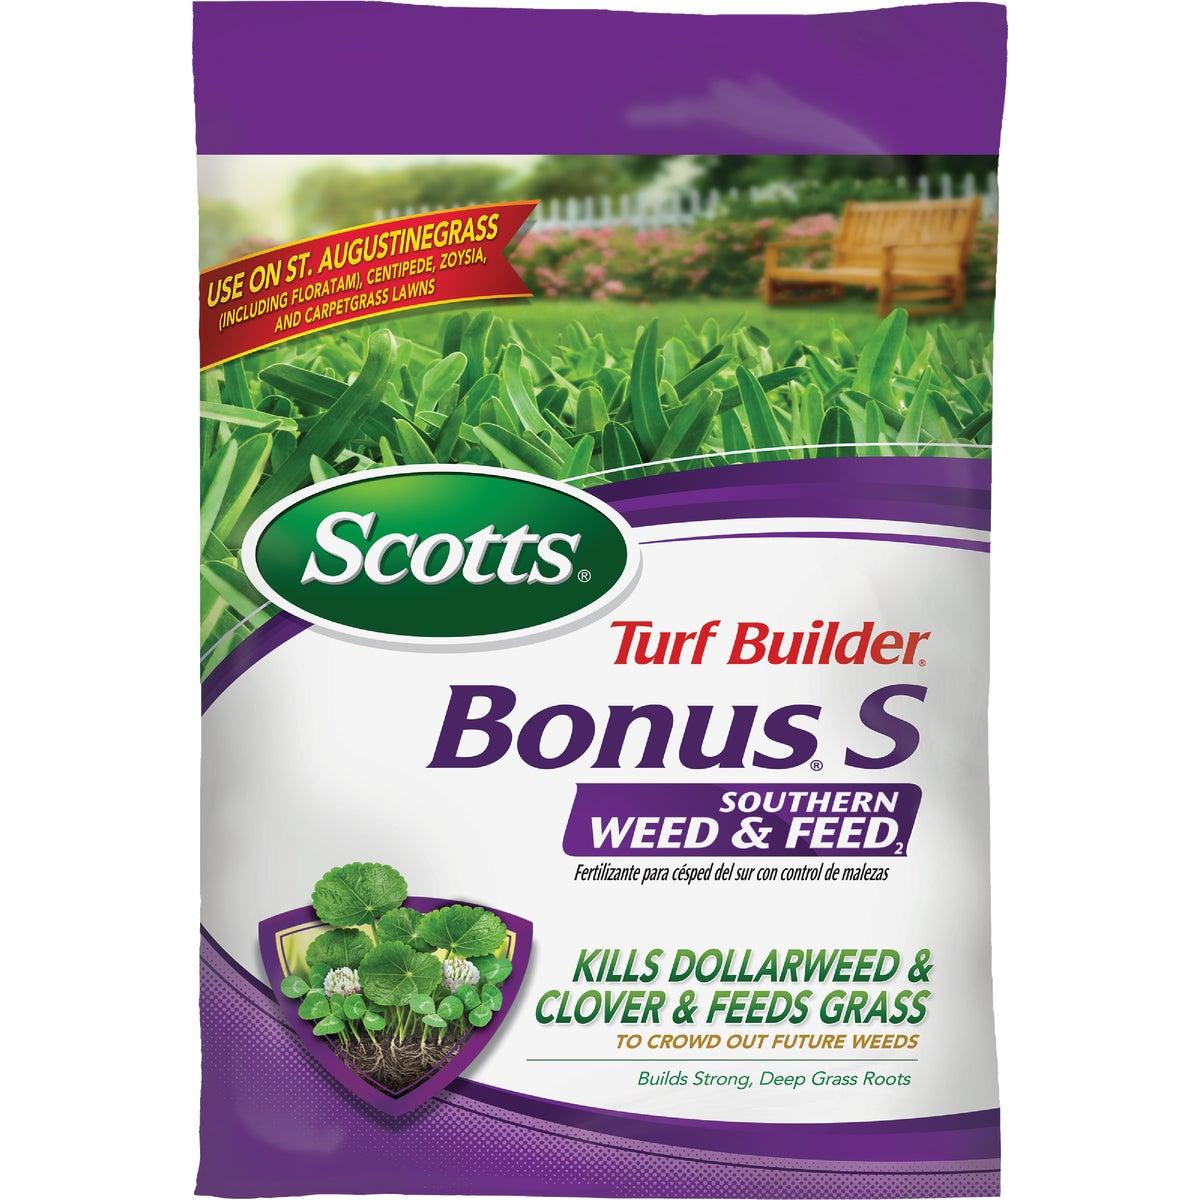 5M TB BONUS S WEED &FEED